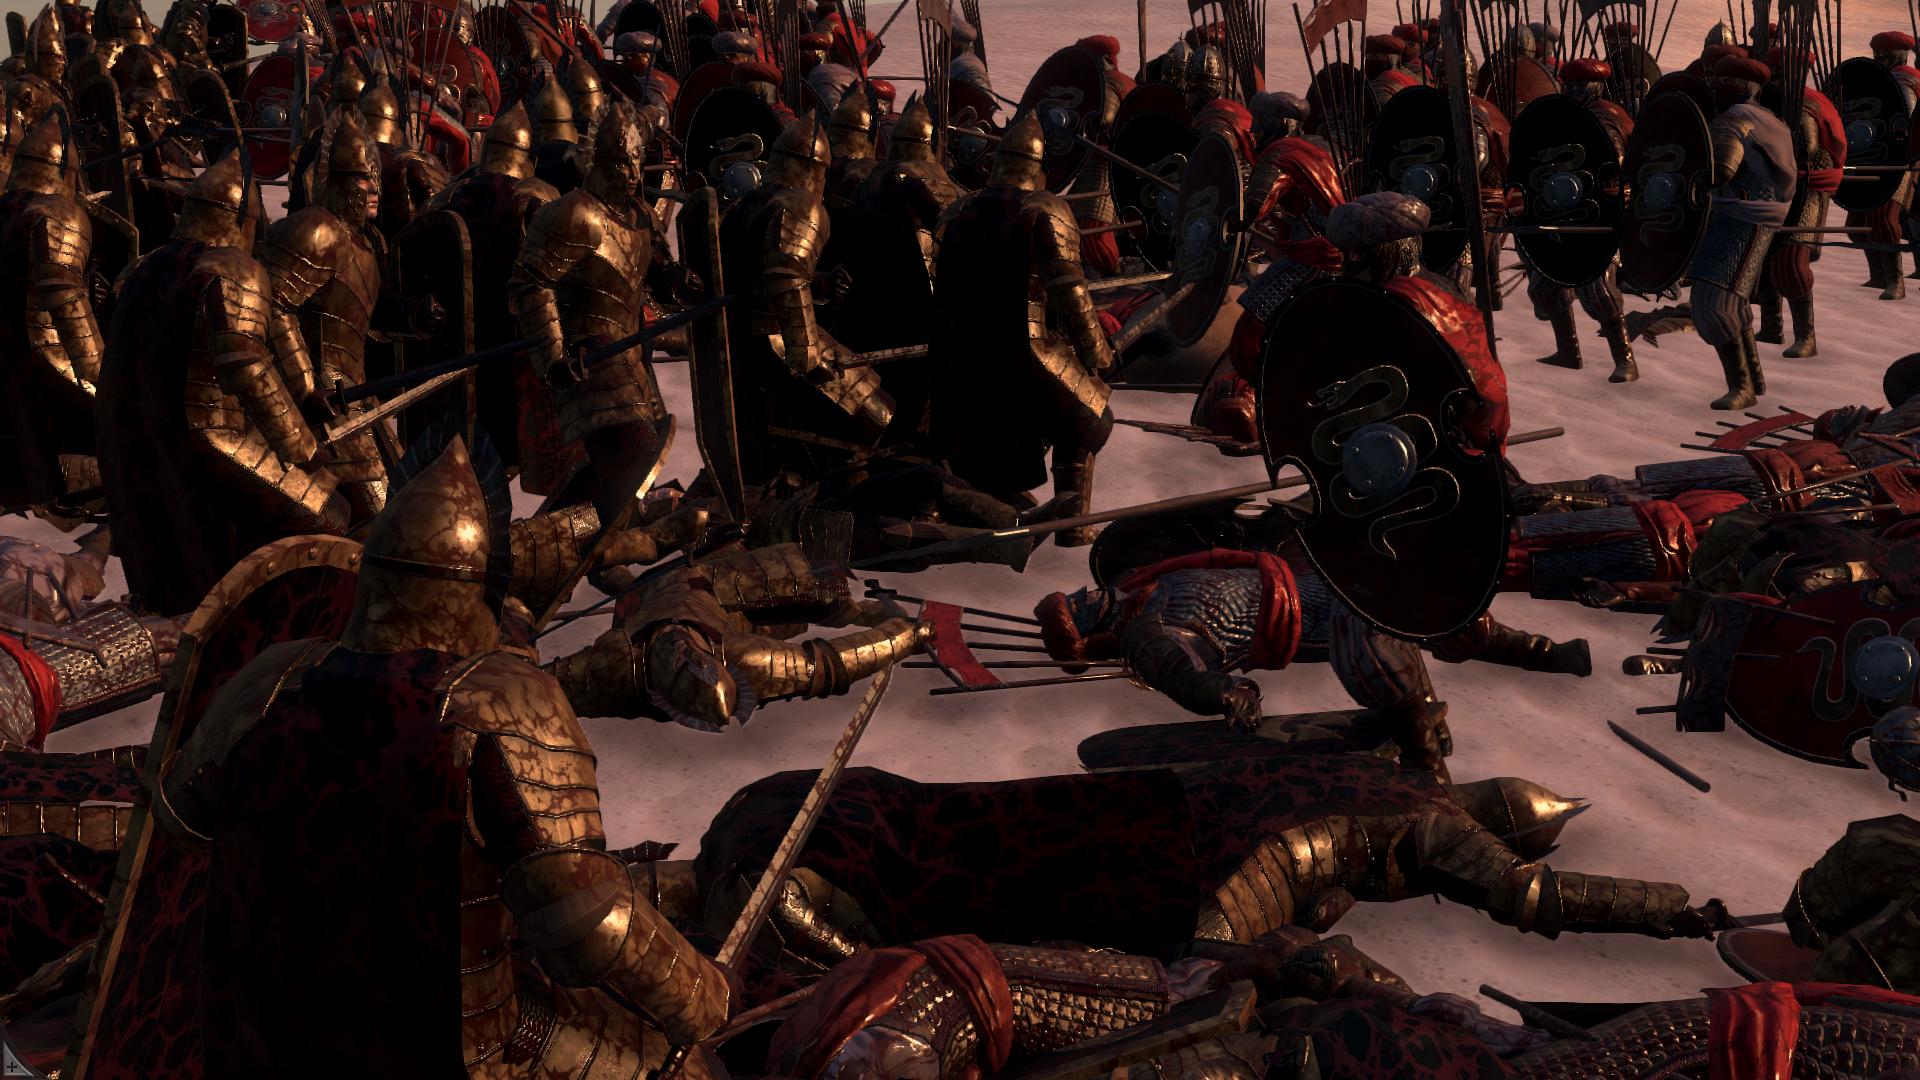 [Shogun_2_Total_War_Screenshot_20]